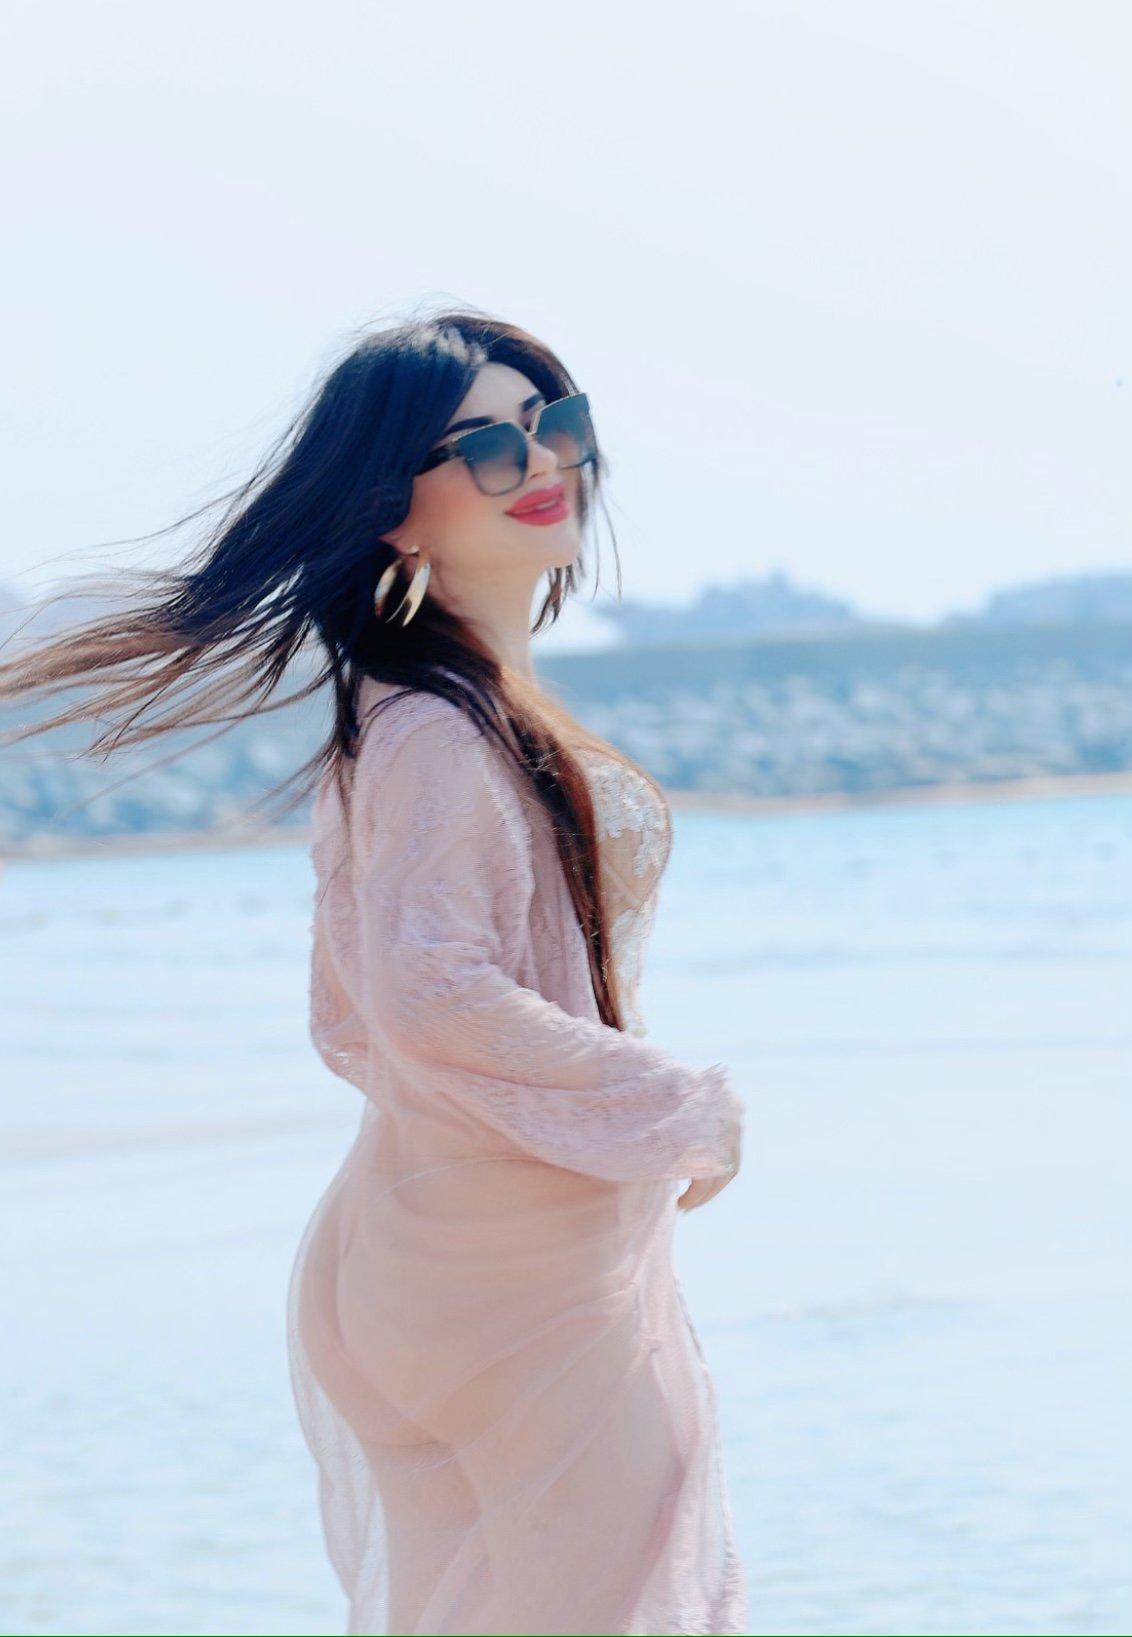 נערות ליווי בתל אביב והמרכז - מישל – חדשה! הכי איכותית שבה לתל אביב